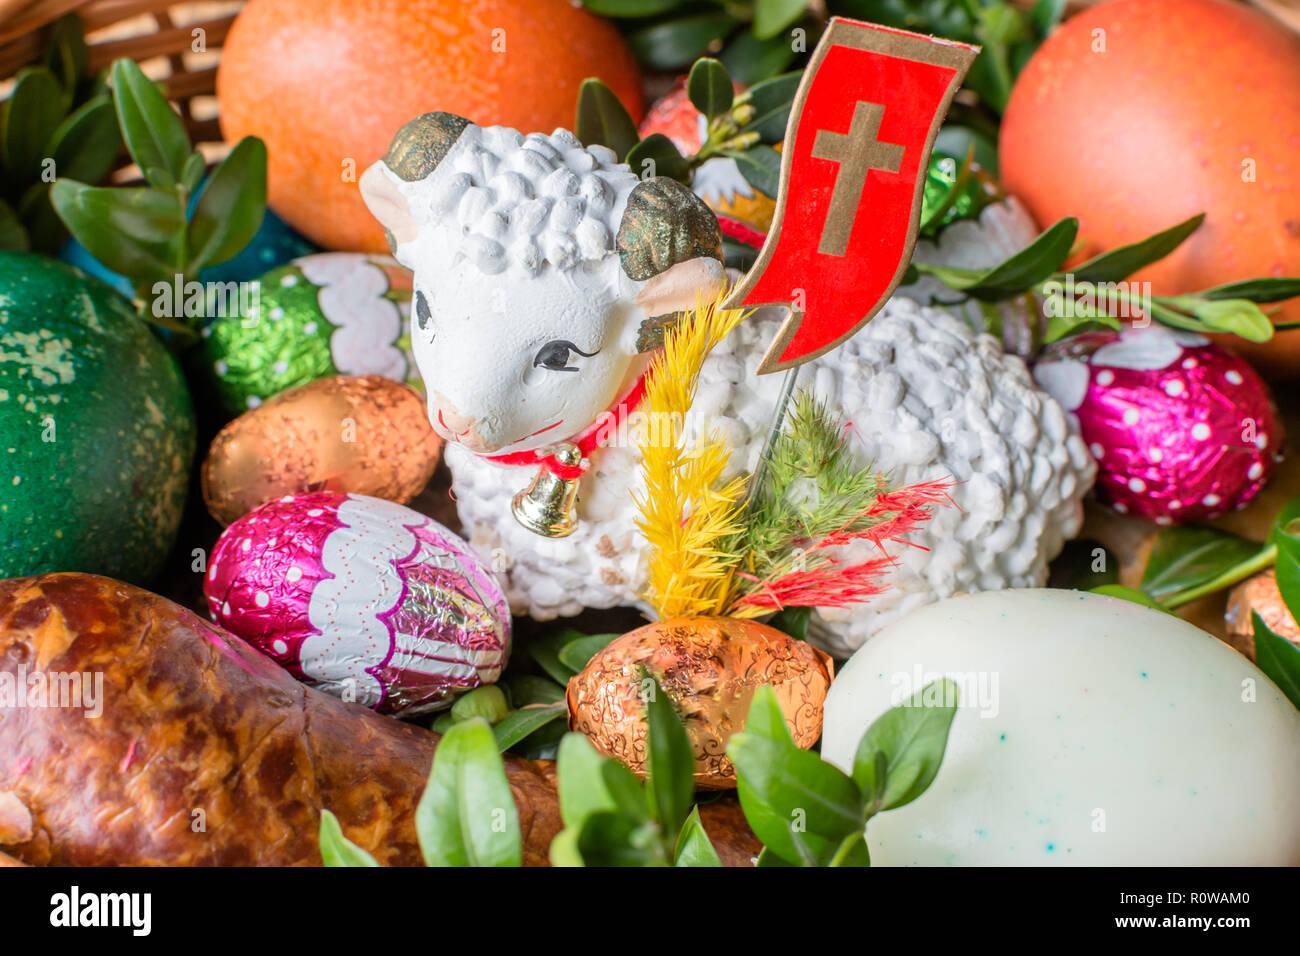 Schöne Traditionelle Ostern Korb Mit Essen Für Segen Polnische